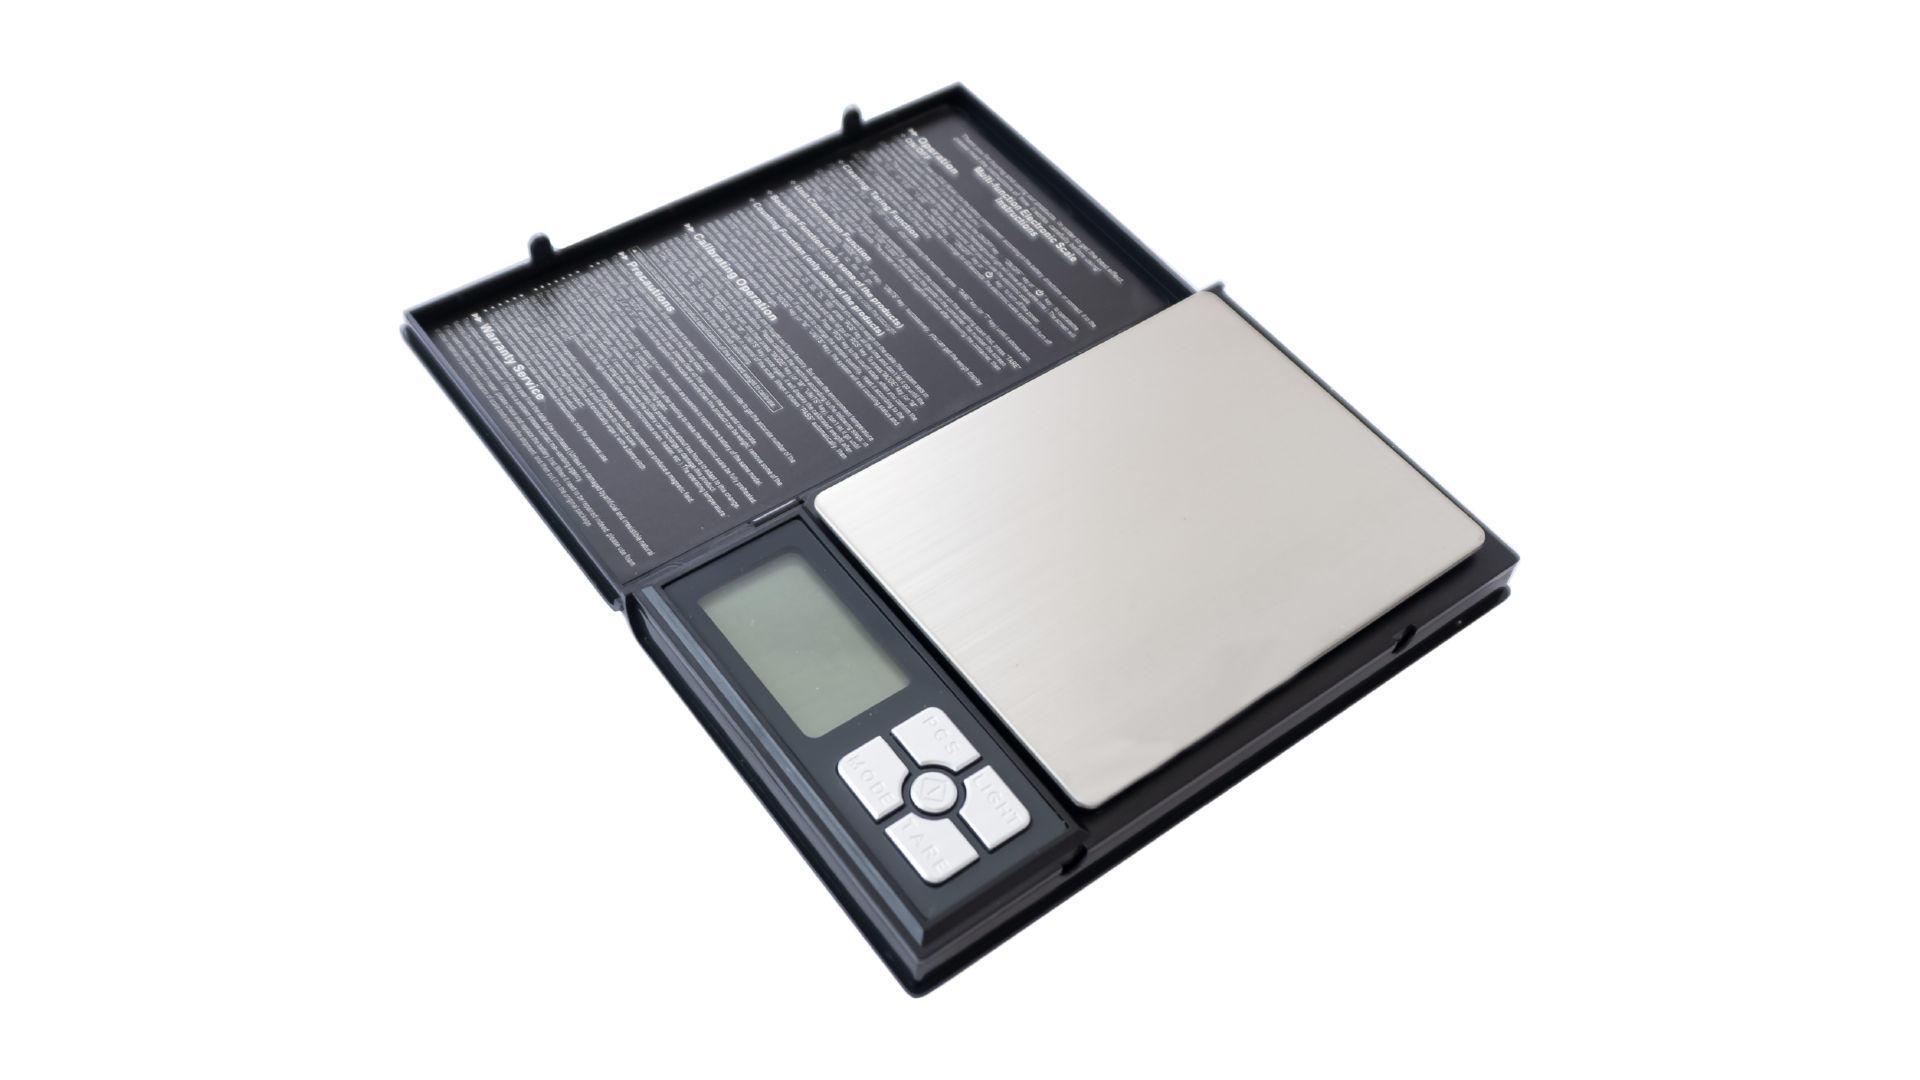 Весы ювелирные PRC - Notebook 1108-2 5